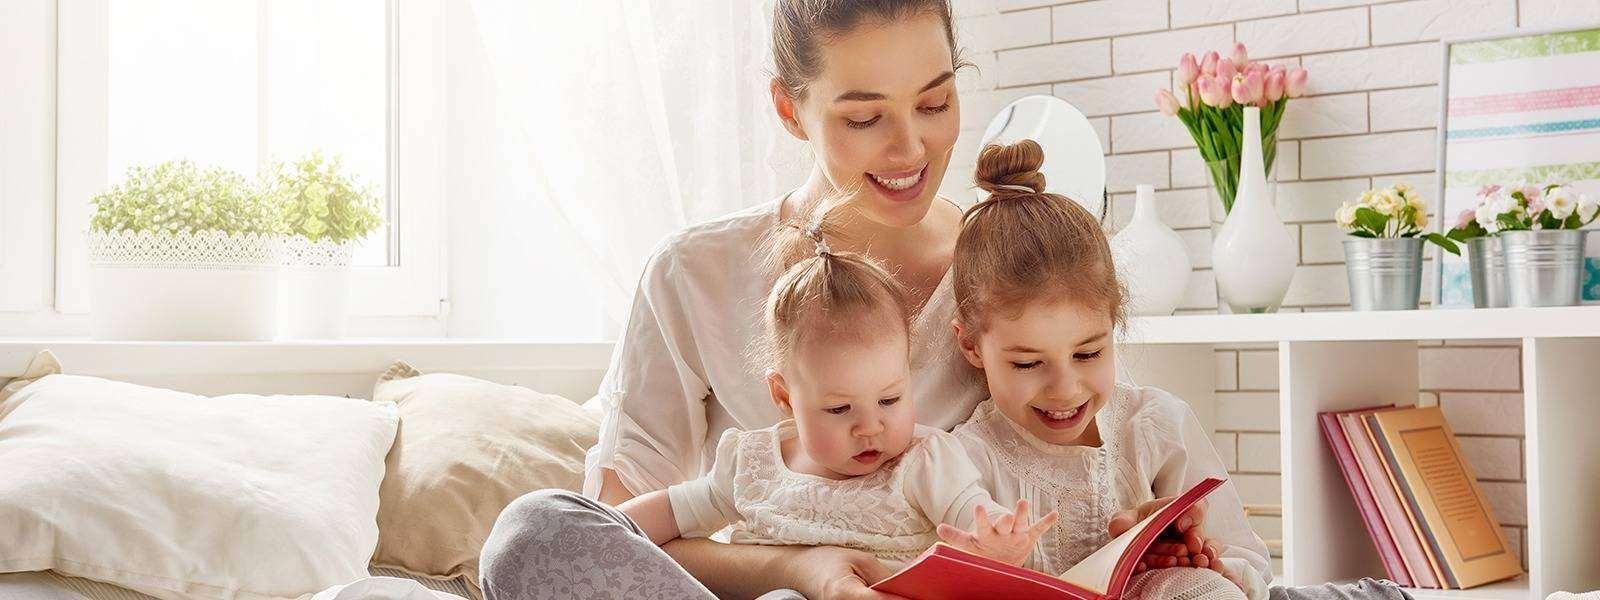 top 5 carti de parenting in viziunea ghindoc.ro